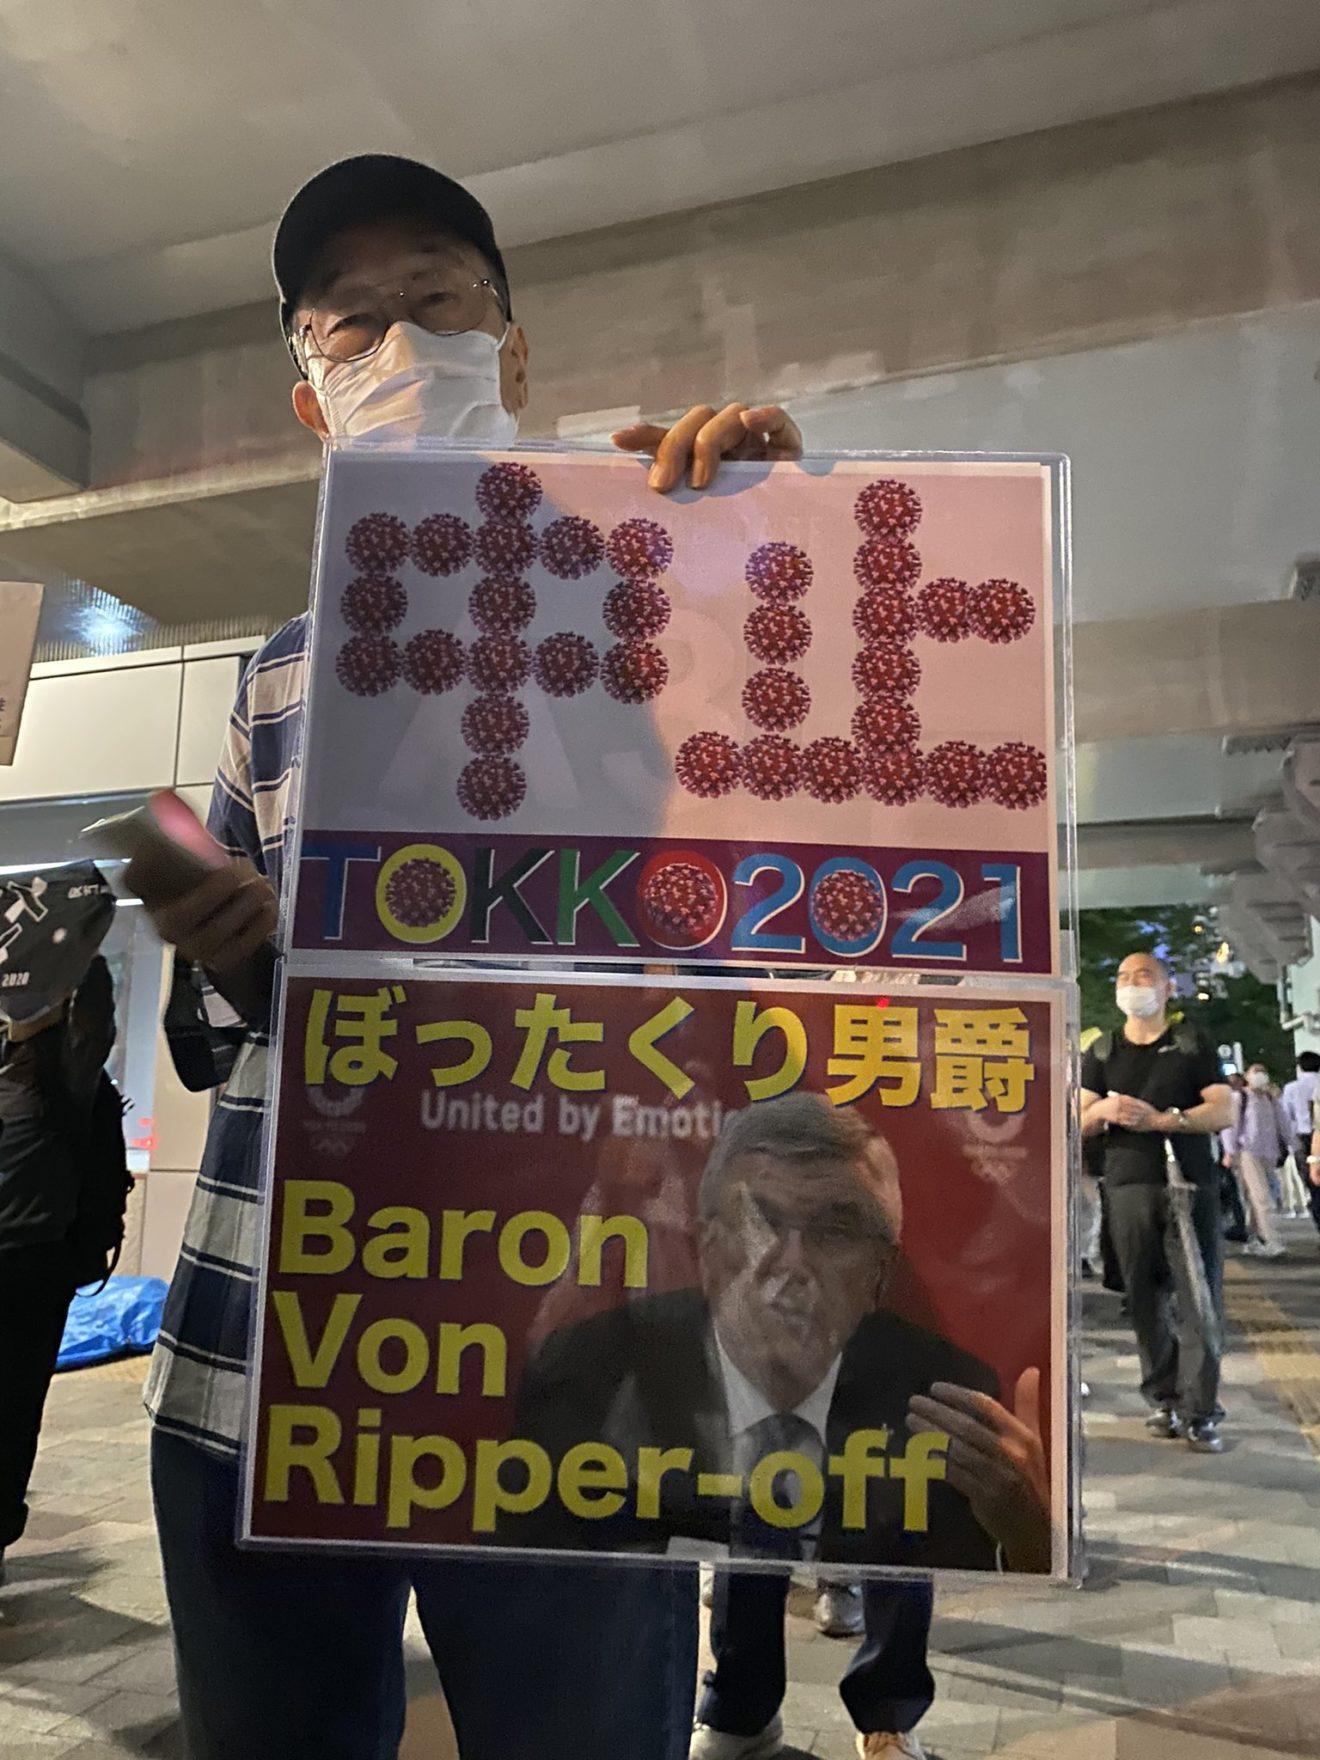 2021.6 Baron Von Ripper-off chihiro kai